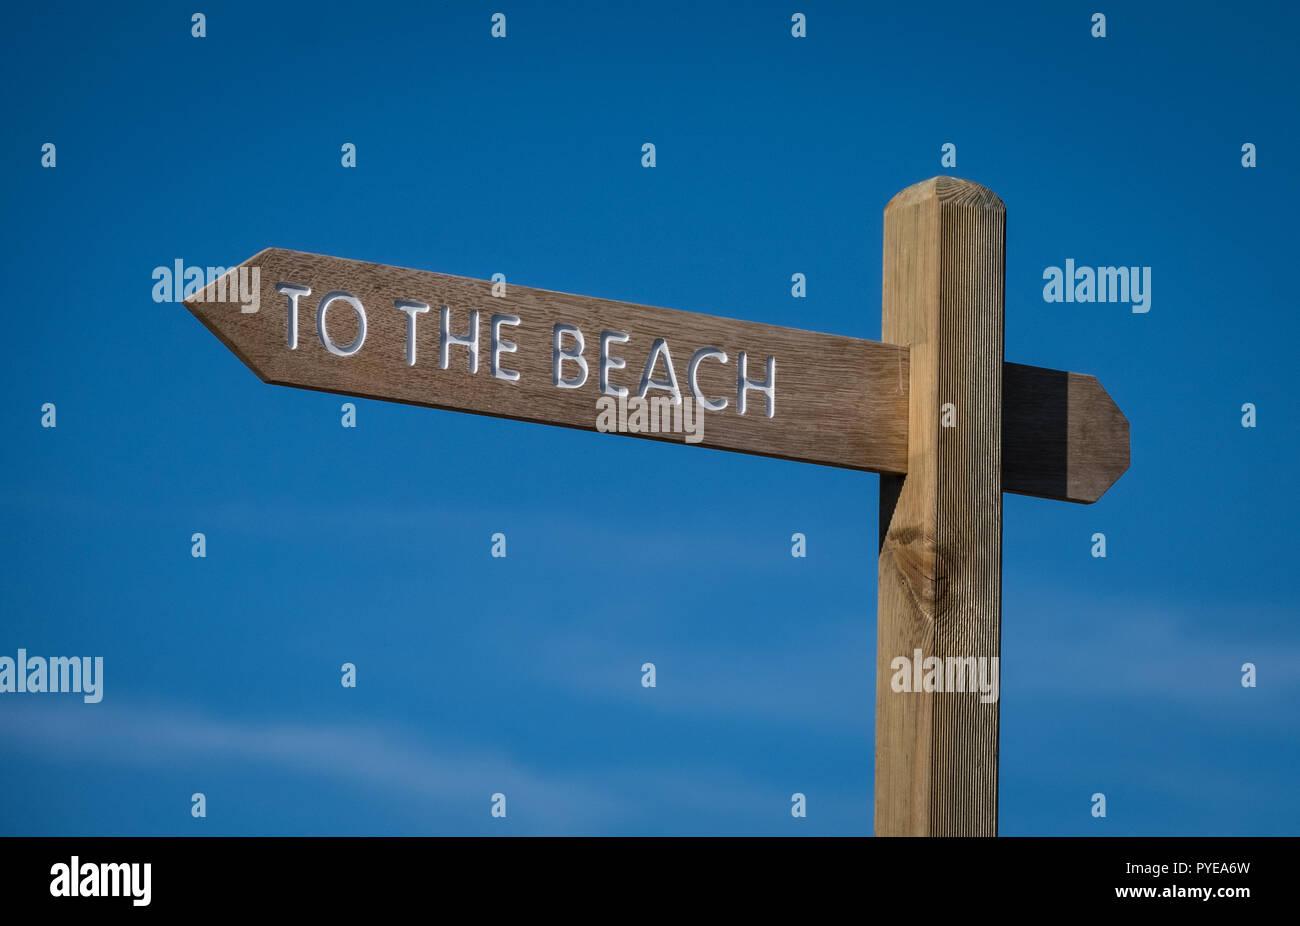 La plage de signer sur une journée ensoleillée against a blue sky Photo Stock